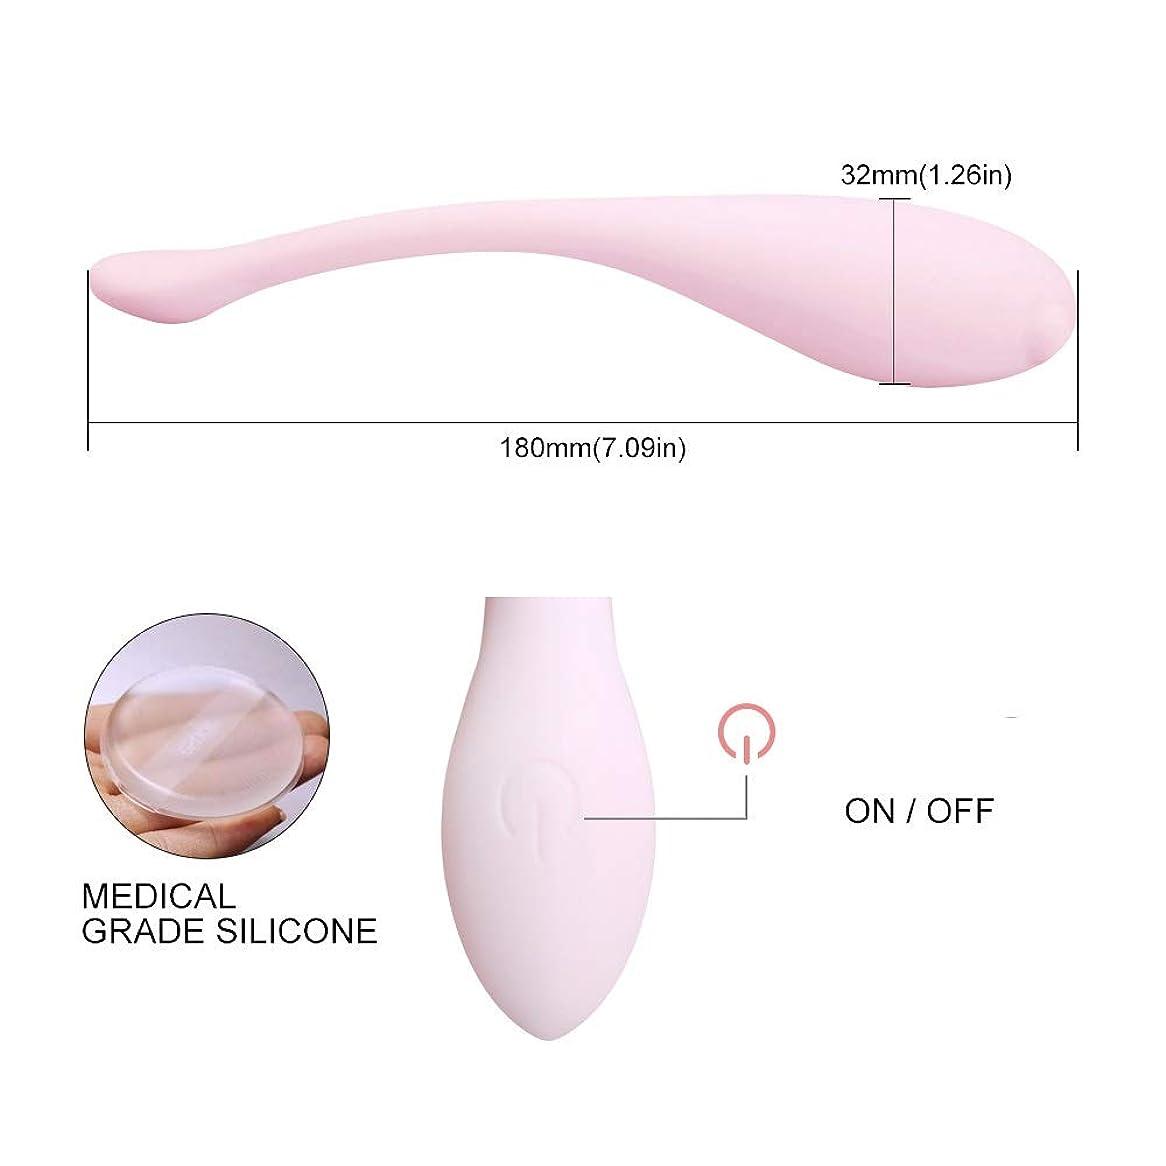 四面体こねる体細胞WJPCR 電動マッサージャーマッサージスティック、8種類の振動強度、首、肩、背中、腰、お尻、足の筋肉の痛みを軽減